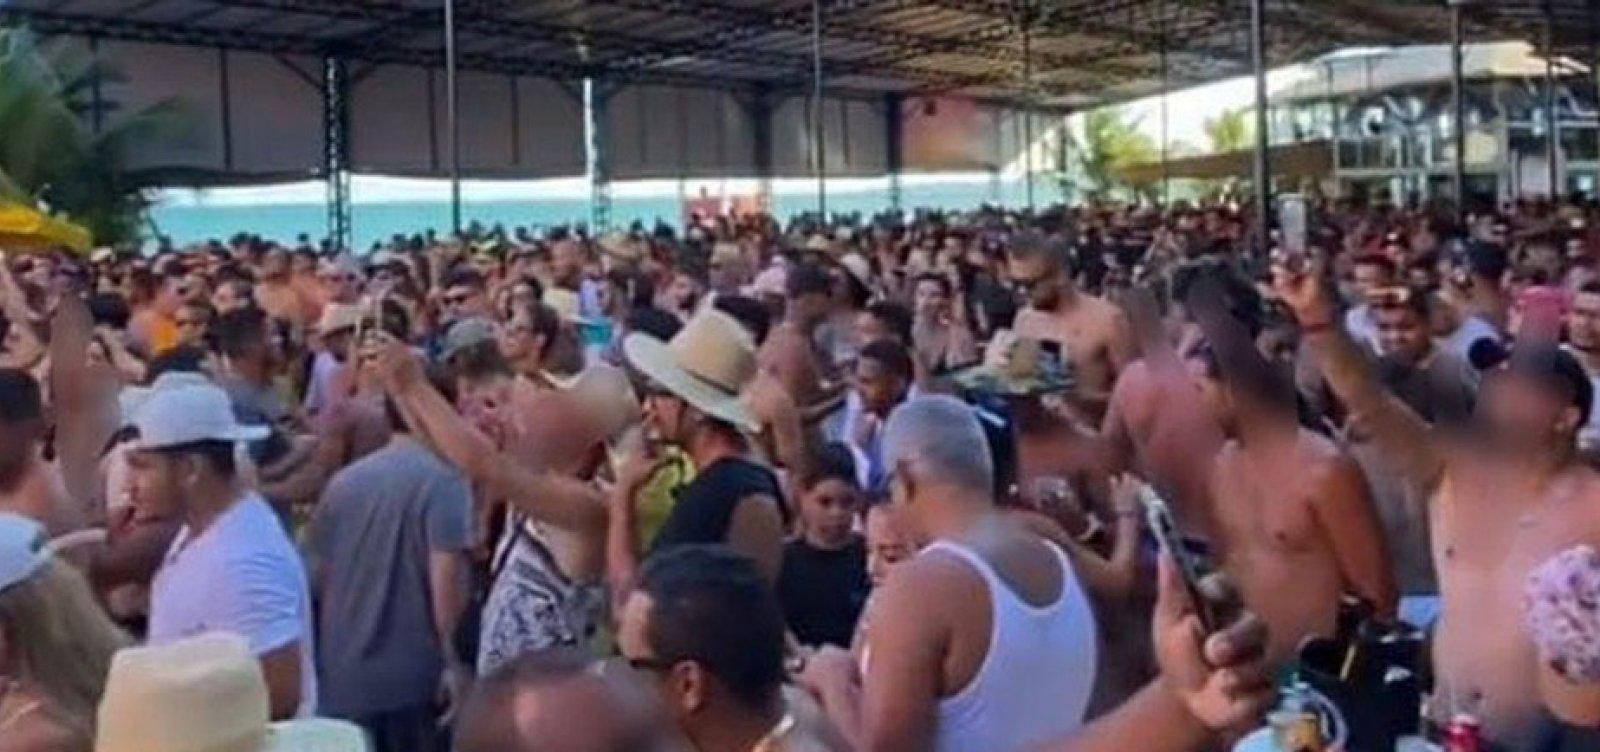 [Em uma semana, polícia interdita setenta festas irregulares em Porto Seguro]